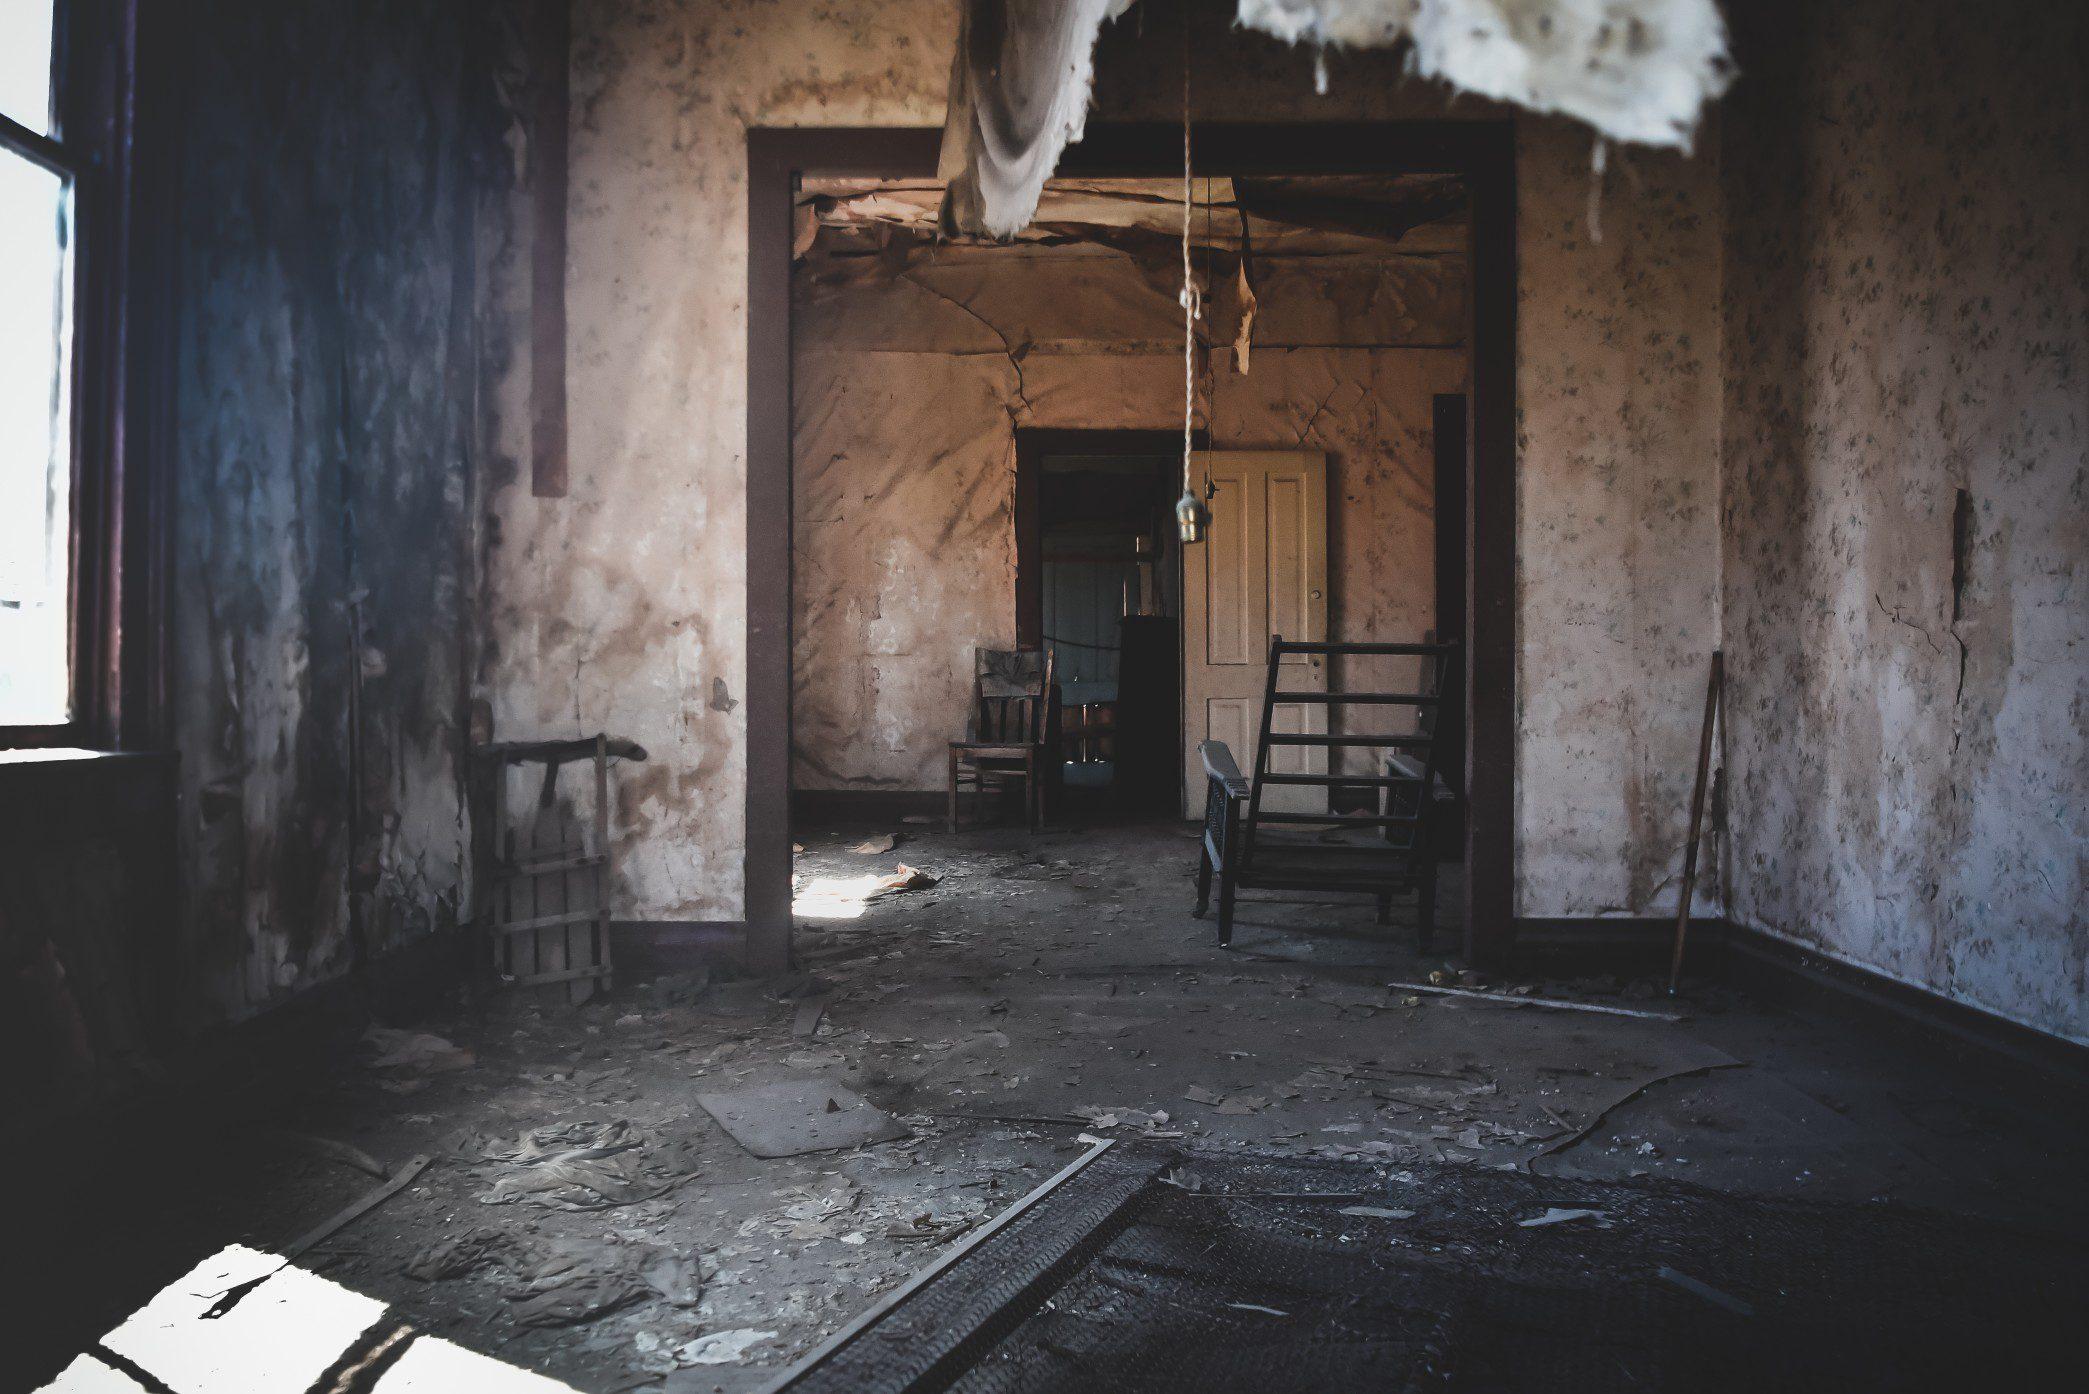 The Cerro Gordo Ghost Town Guide